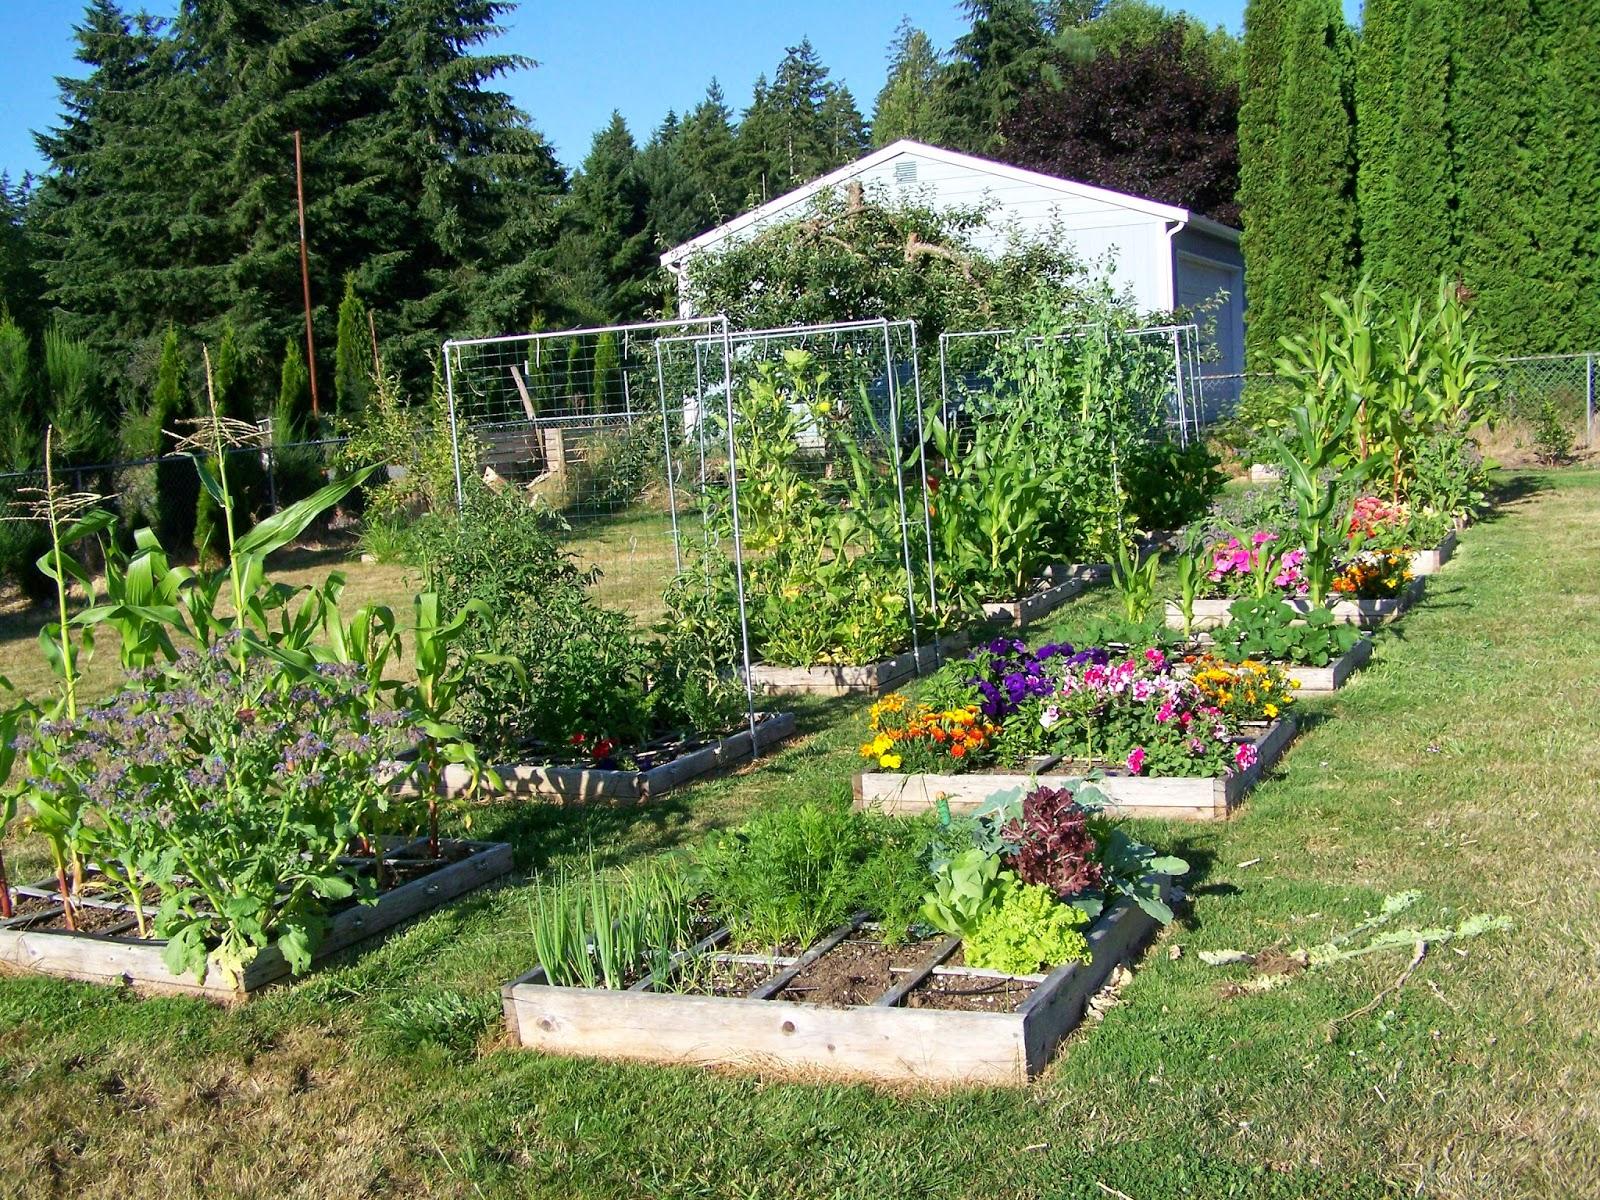 Square Foot Gardening 10 Raised Garden Beds Copyright Adrienne Z. Milligan